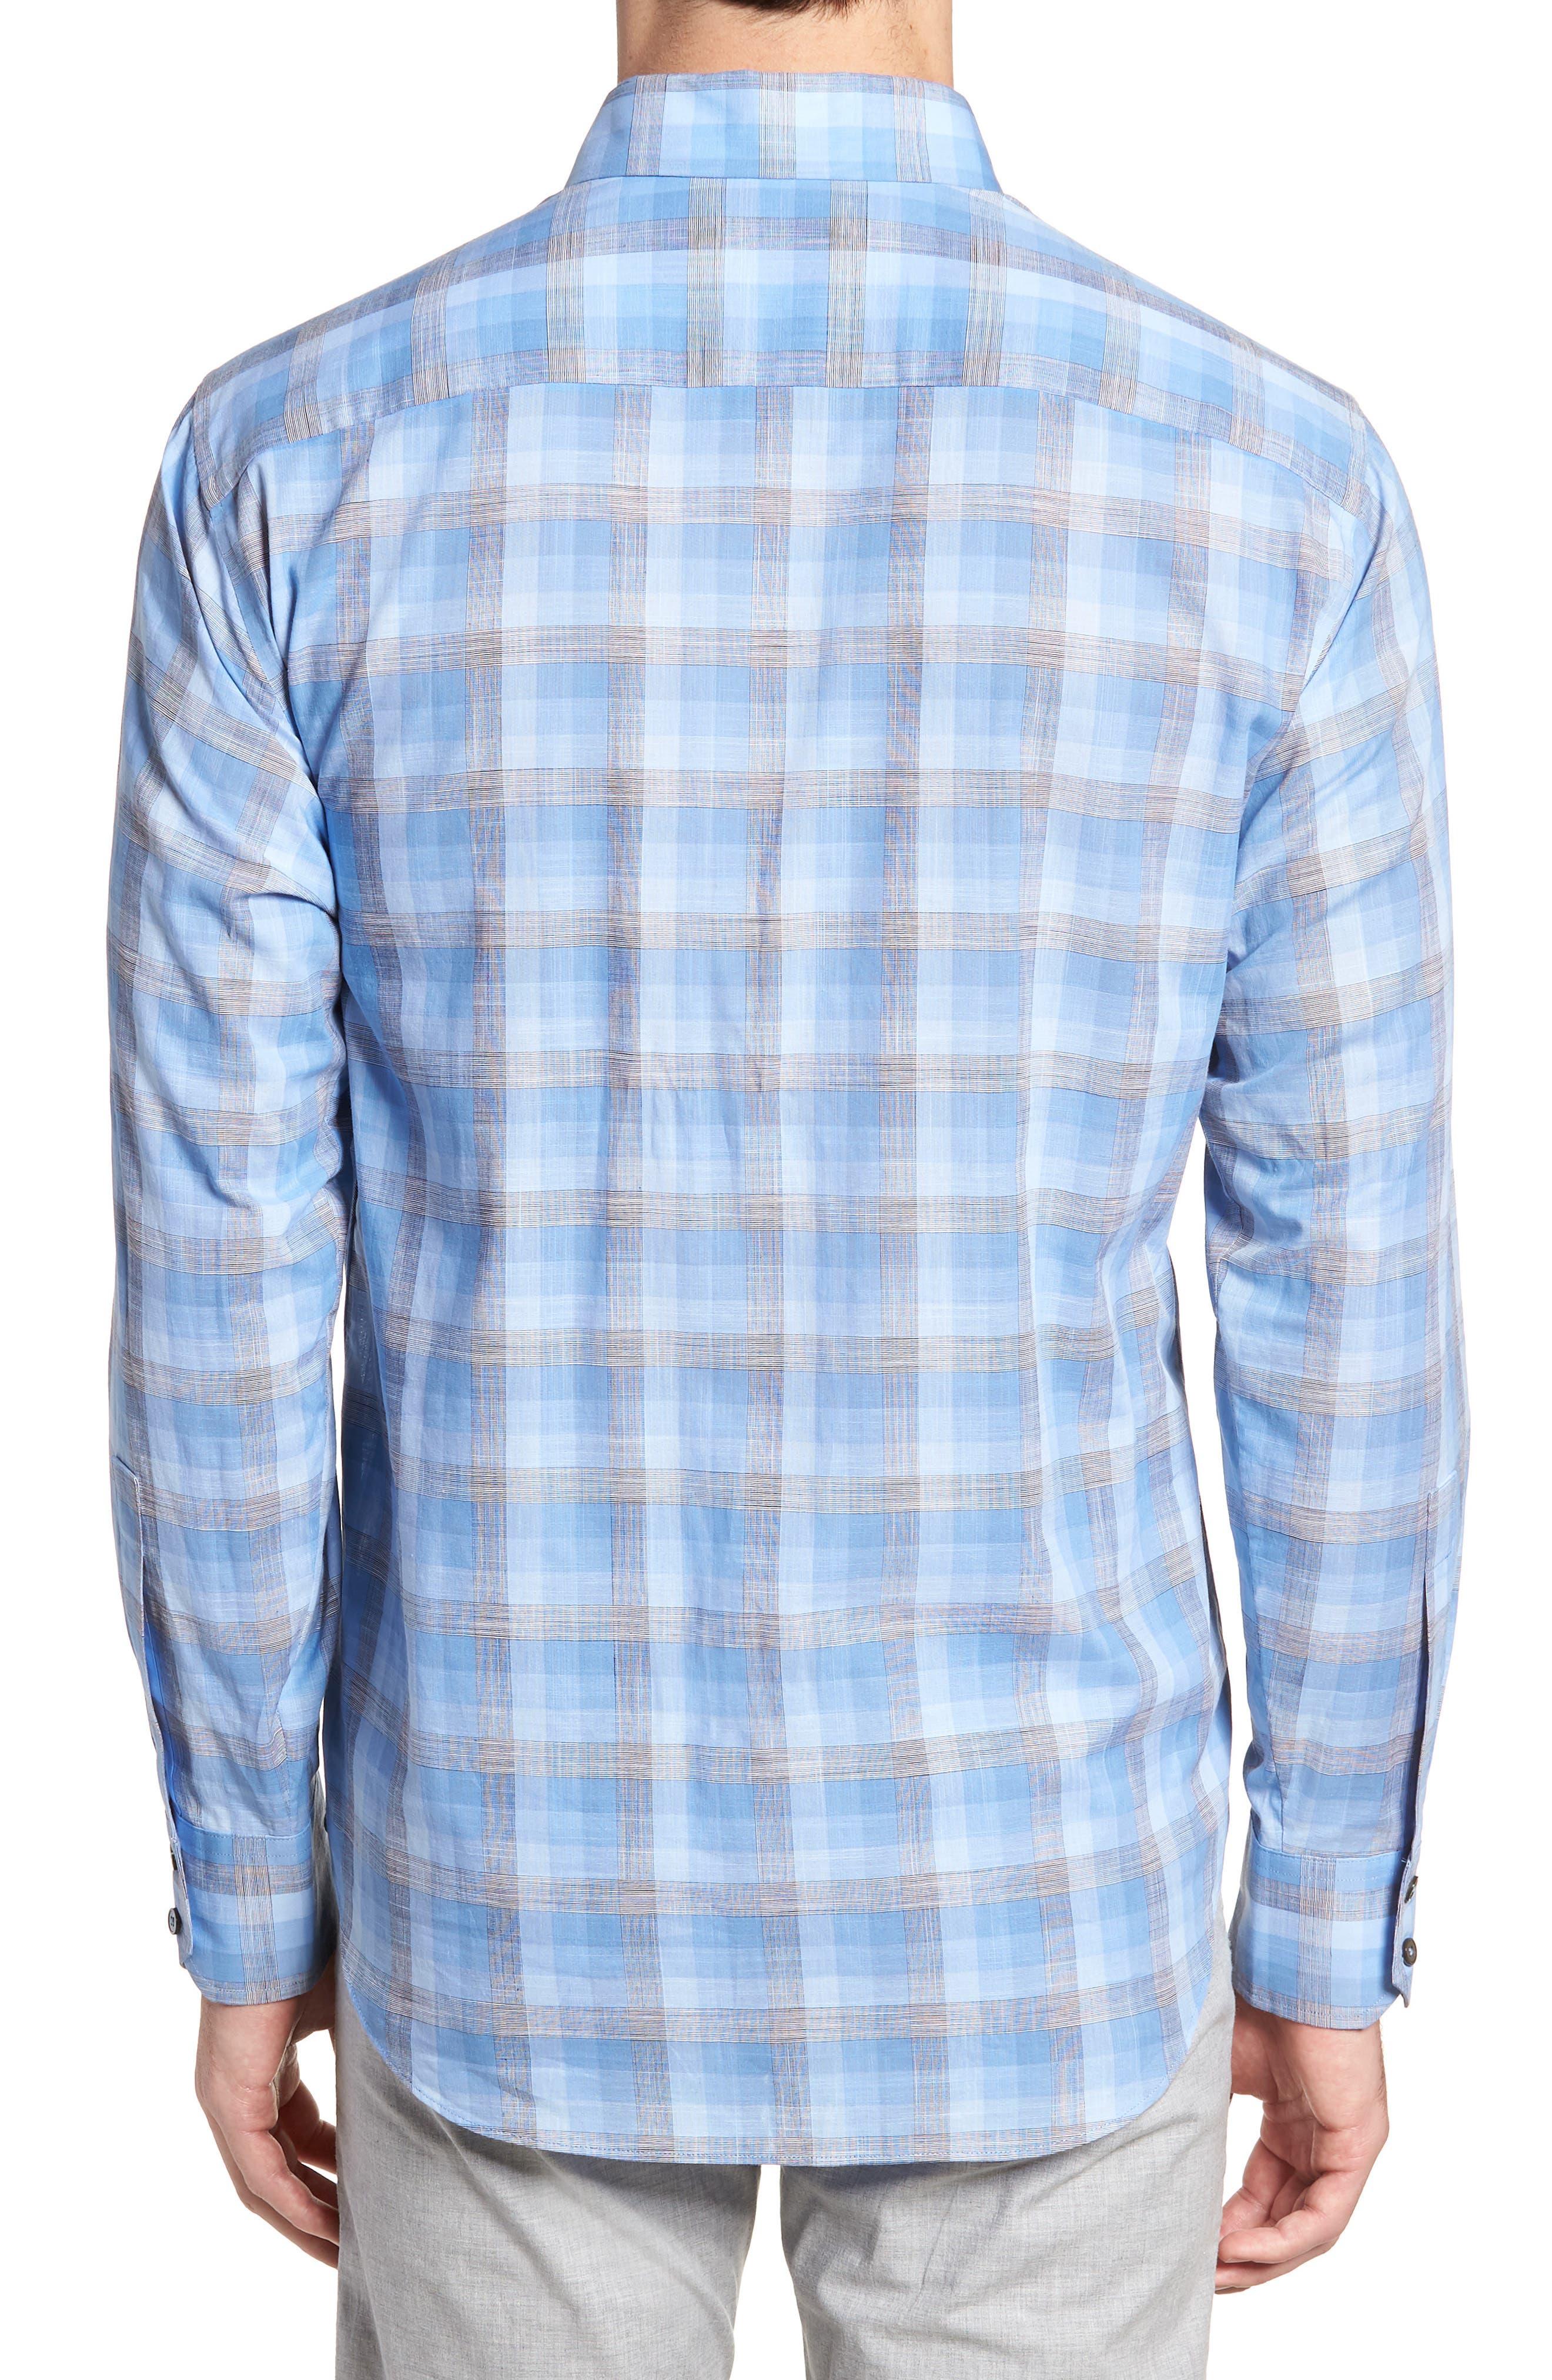 Asim Regular Fit Sport Shirt,                             Alternate thumbnail 2, color,                             Ocean